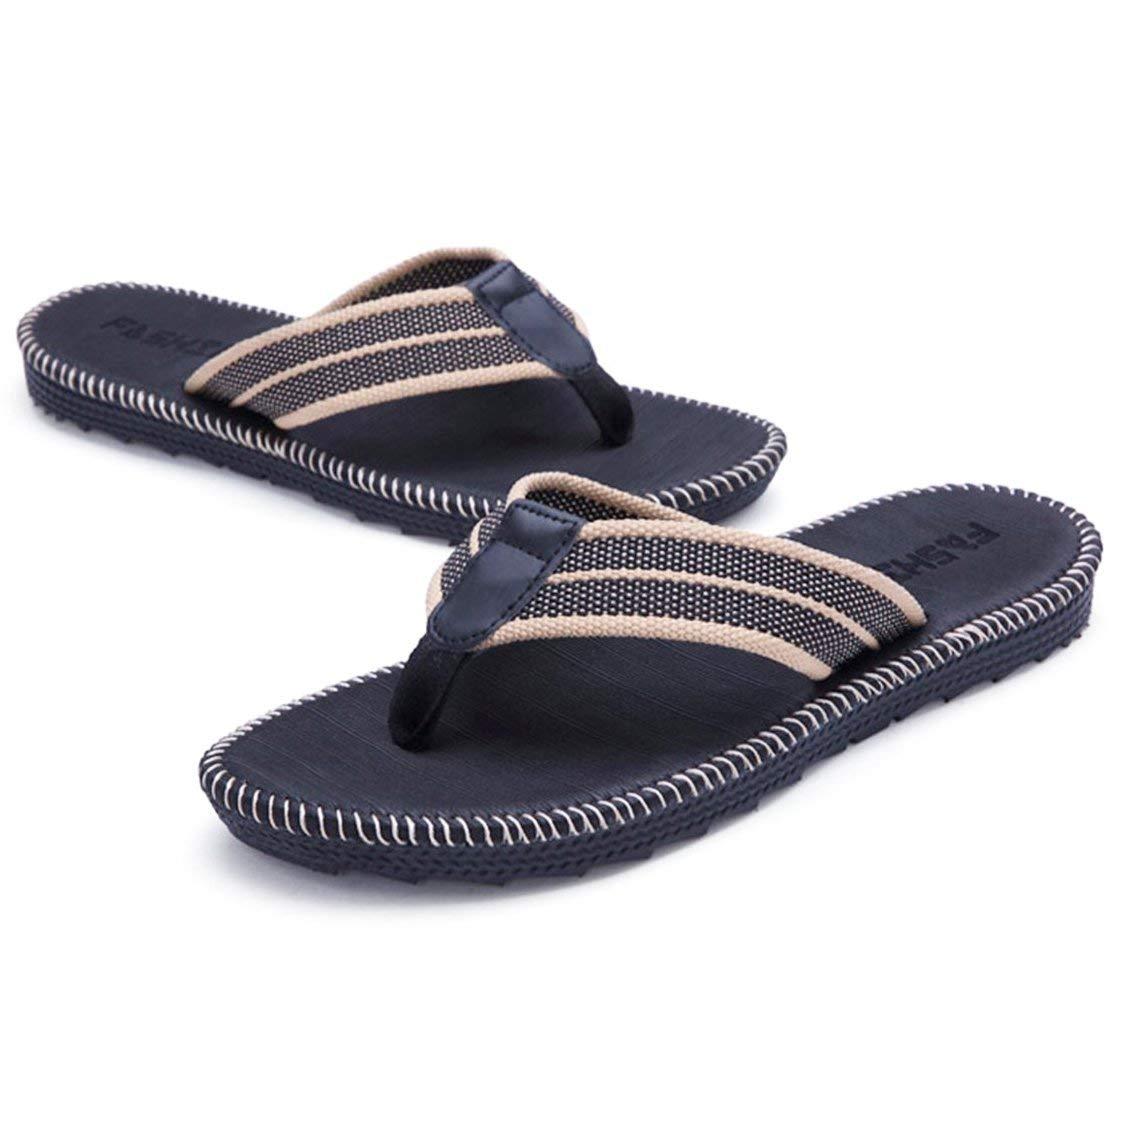 63f68d199969dc Get Quotations · STAR JOINING Flip Flops - Hawaii Flip Flops Pretty Flip  Flops Grounding Strapless Size 10 11